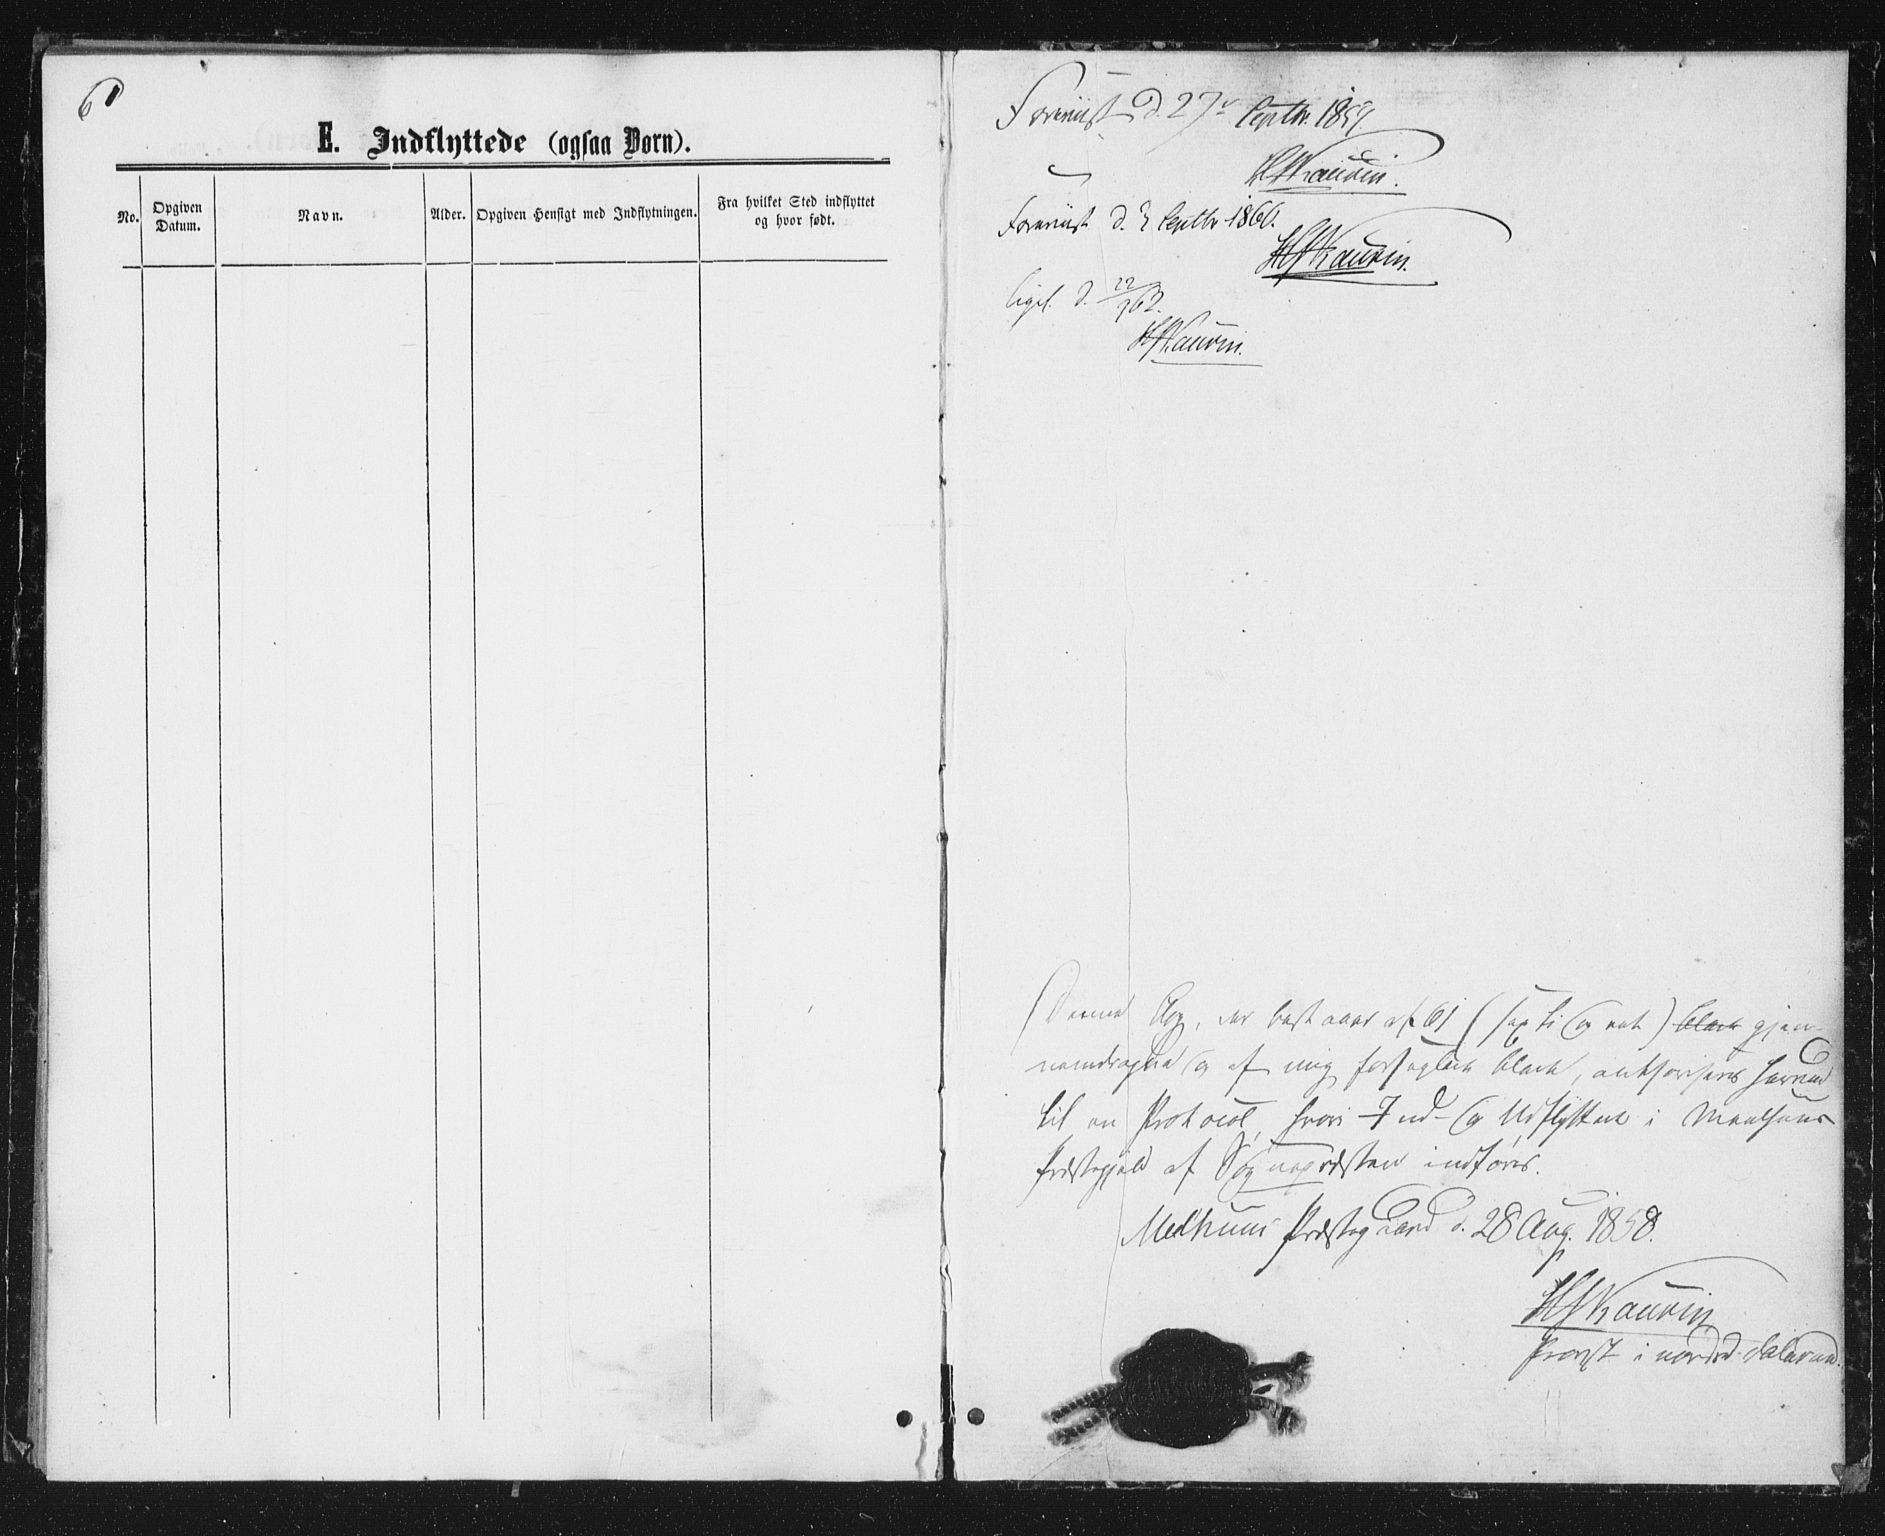 SAT, Ministerialprotokoller, klokkerbøker og fødselsregistre - Sør-Trøndelag, 691/L1078: Ministerialbok nr. 691A10, 1858-1861